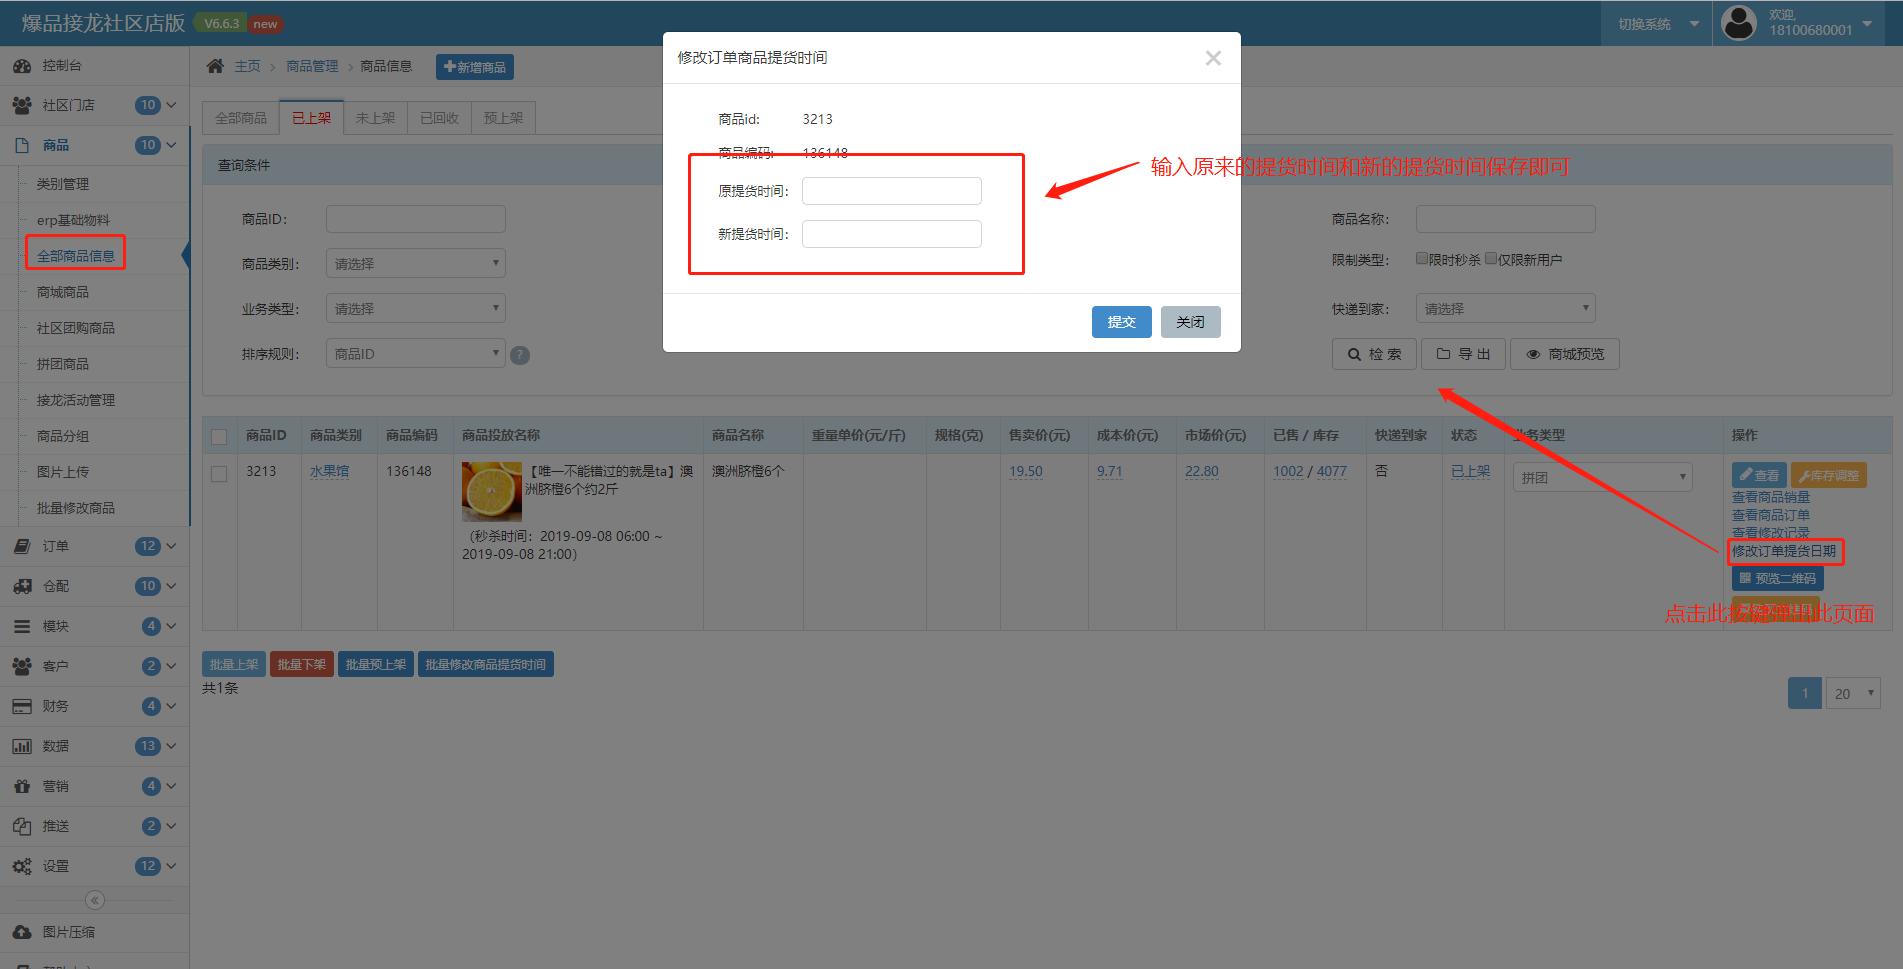 如何修改商品订单的取货日期 - 图1